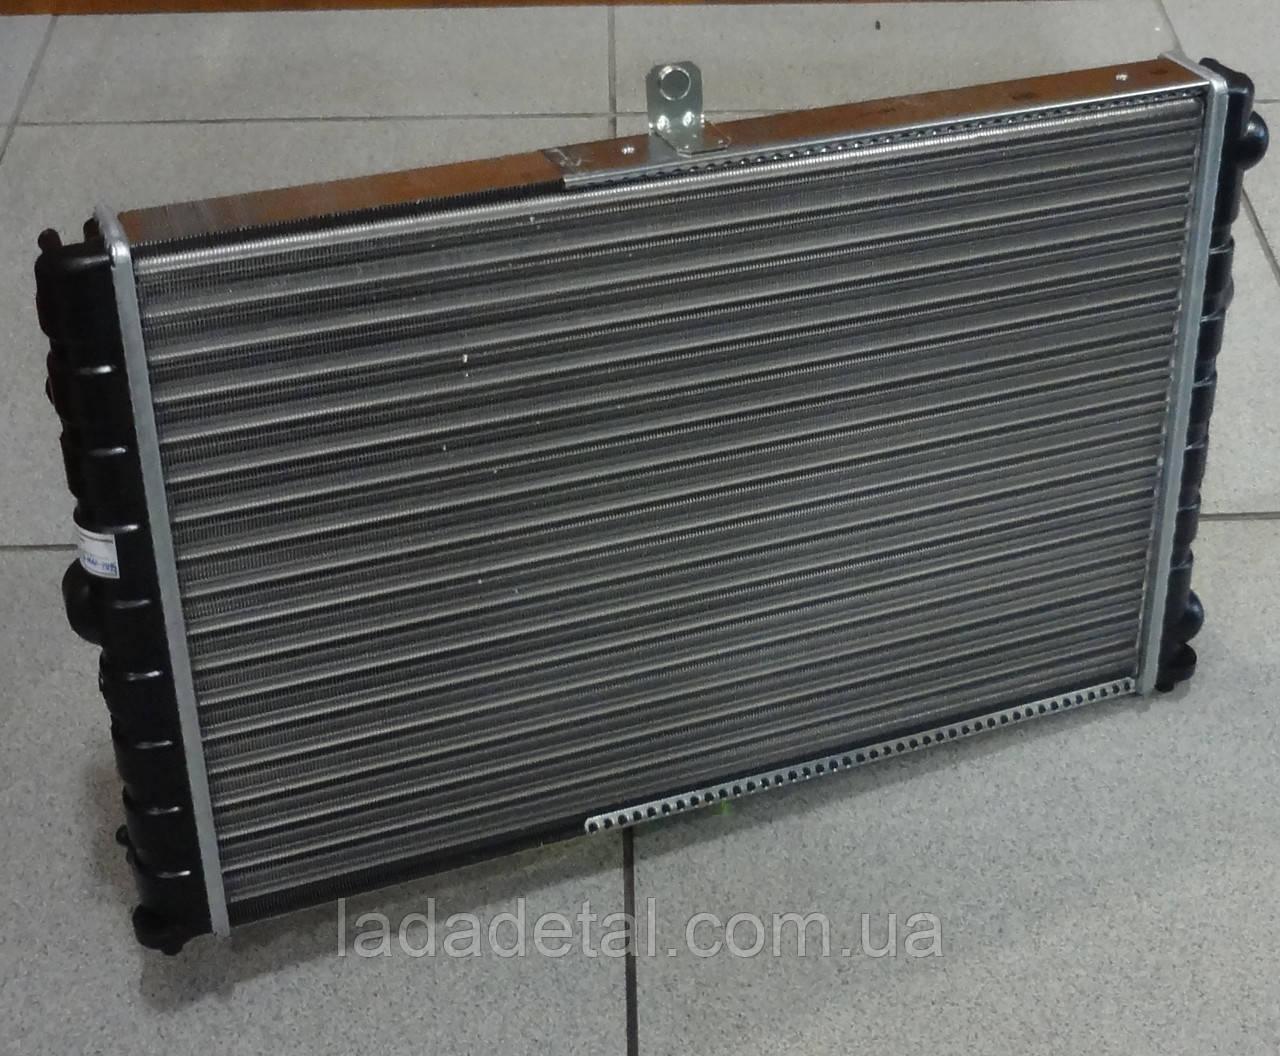 Радиатор ВАЗ 2109, 21099, 2113, 2114, 2115 инжекторный двигатель АвтоВАЗ ОРИГИНАЛ